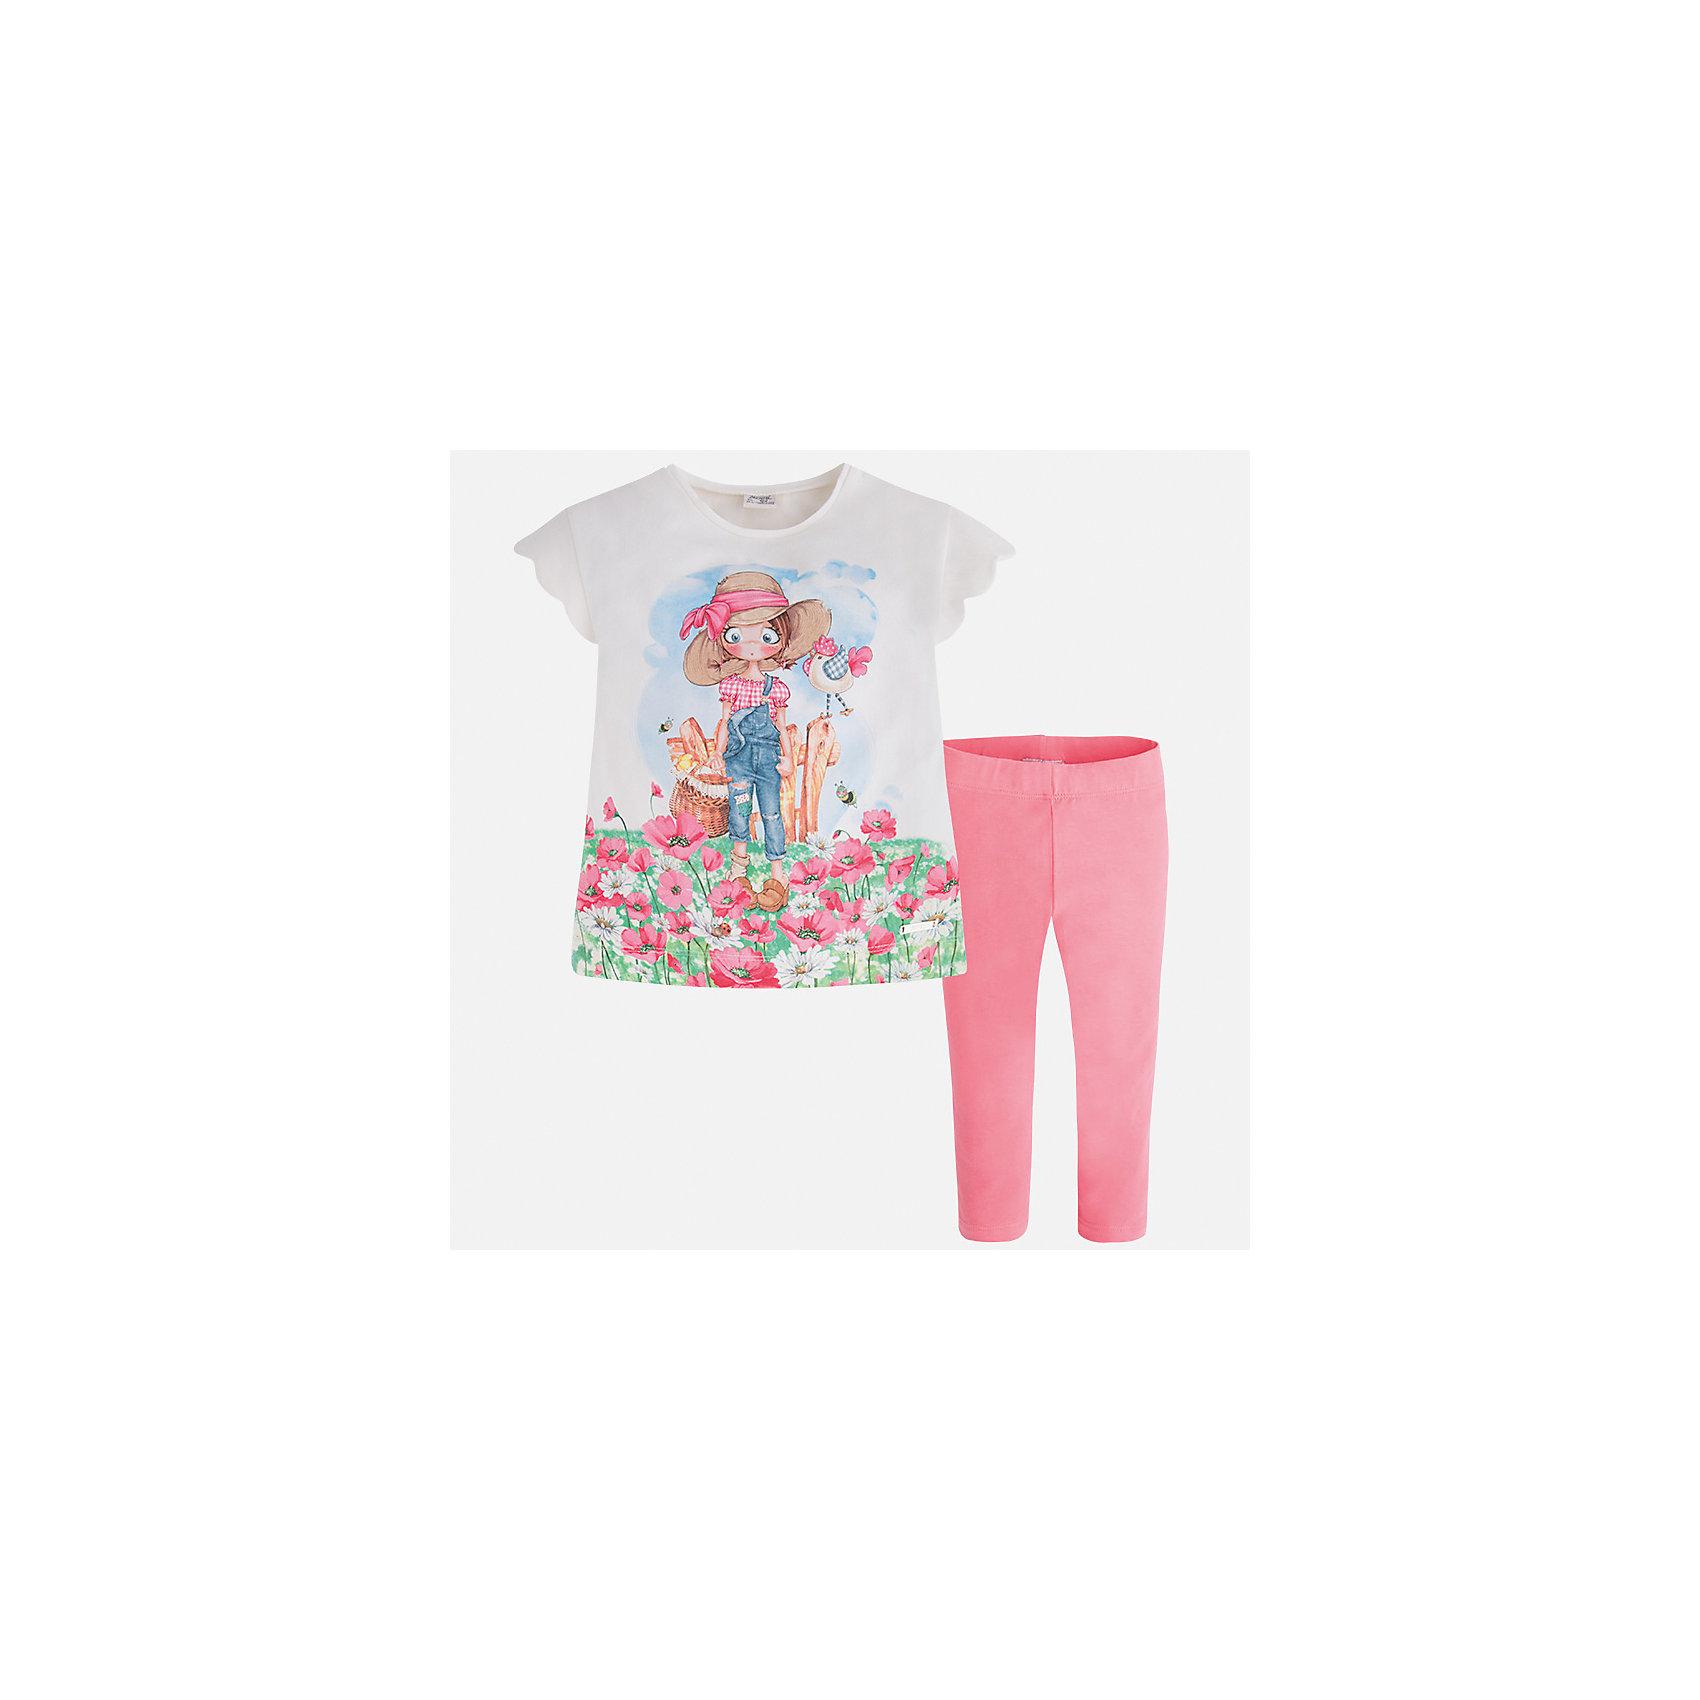 Комплект: футболка и леггинсы для девочки MayoralКомплекты<br>Характеристики товара:<br><br>• цвет: белый/розовый<br>• состав: 92% хлопок, 8% эластан<br>• комплектация: футболка, леггинсы<br>• футболка декорирована принтом <br>• леггинсы однотонные<br>• пояс на резинке<br>• страна бренда: Испания<br><br>Модный качественный комплект для девочки поможет разнообразить гардероб ребенка и удобно одеться в теплую погоду. Он отлично сочетается с другими предметами. Универсальный цвет позволяет подобрать к вещам верхнюю одежду практически любой расцветки. Интересная отделка модели делает её нарядной и оригинальной. В составе материала - натуральный хлопок, гипоаллергенный, приятный на ощупь, дышащий.<br><br>Одежда, обувь и аксессуары от испанского бренда Mayoral полюбились детям и взрослым по всему миру. Модели этой марки - стильные и удобные. Для их производства используются только безопасные, качественные материалы и фурнитура. Порадуйте ребенка модными и красивыми вещами от Mayoral! <br><br>Комплект для девочки от испанского бренда Mayoral (Майорал) можно купить в нашем интернет-магазине.<br><br>Ширина мм: 123<br>Глубина мм: 10<br>Высота мм: 149<br>Вес г: 209<br>Цвет: розовый<br>Возраст от месяцев: 24<br>Возраст до месяцев: 36<br>Пол: Женский<br>Возраст: Детский<br>Размер: 116,122,128,134,92,98,104,110<br>SKU: 5290595